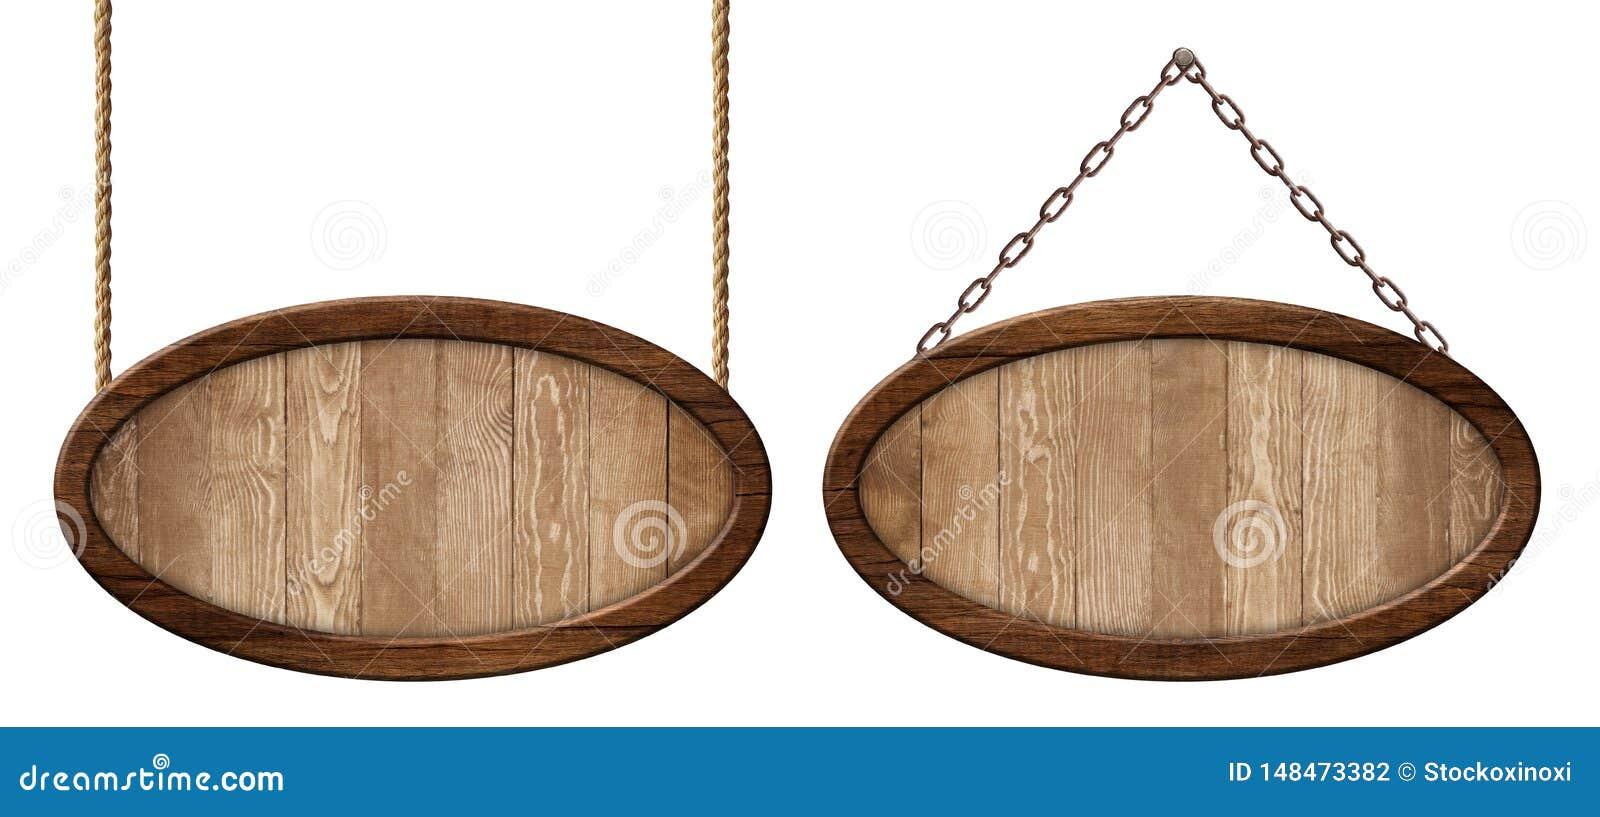 Ovales hölzernes Brett hergestellt vom Naturholz und mit dem dunklen Rahmen, der auf Seilen und Ketten hängt